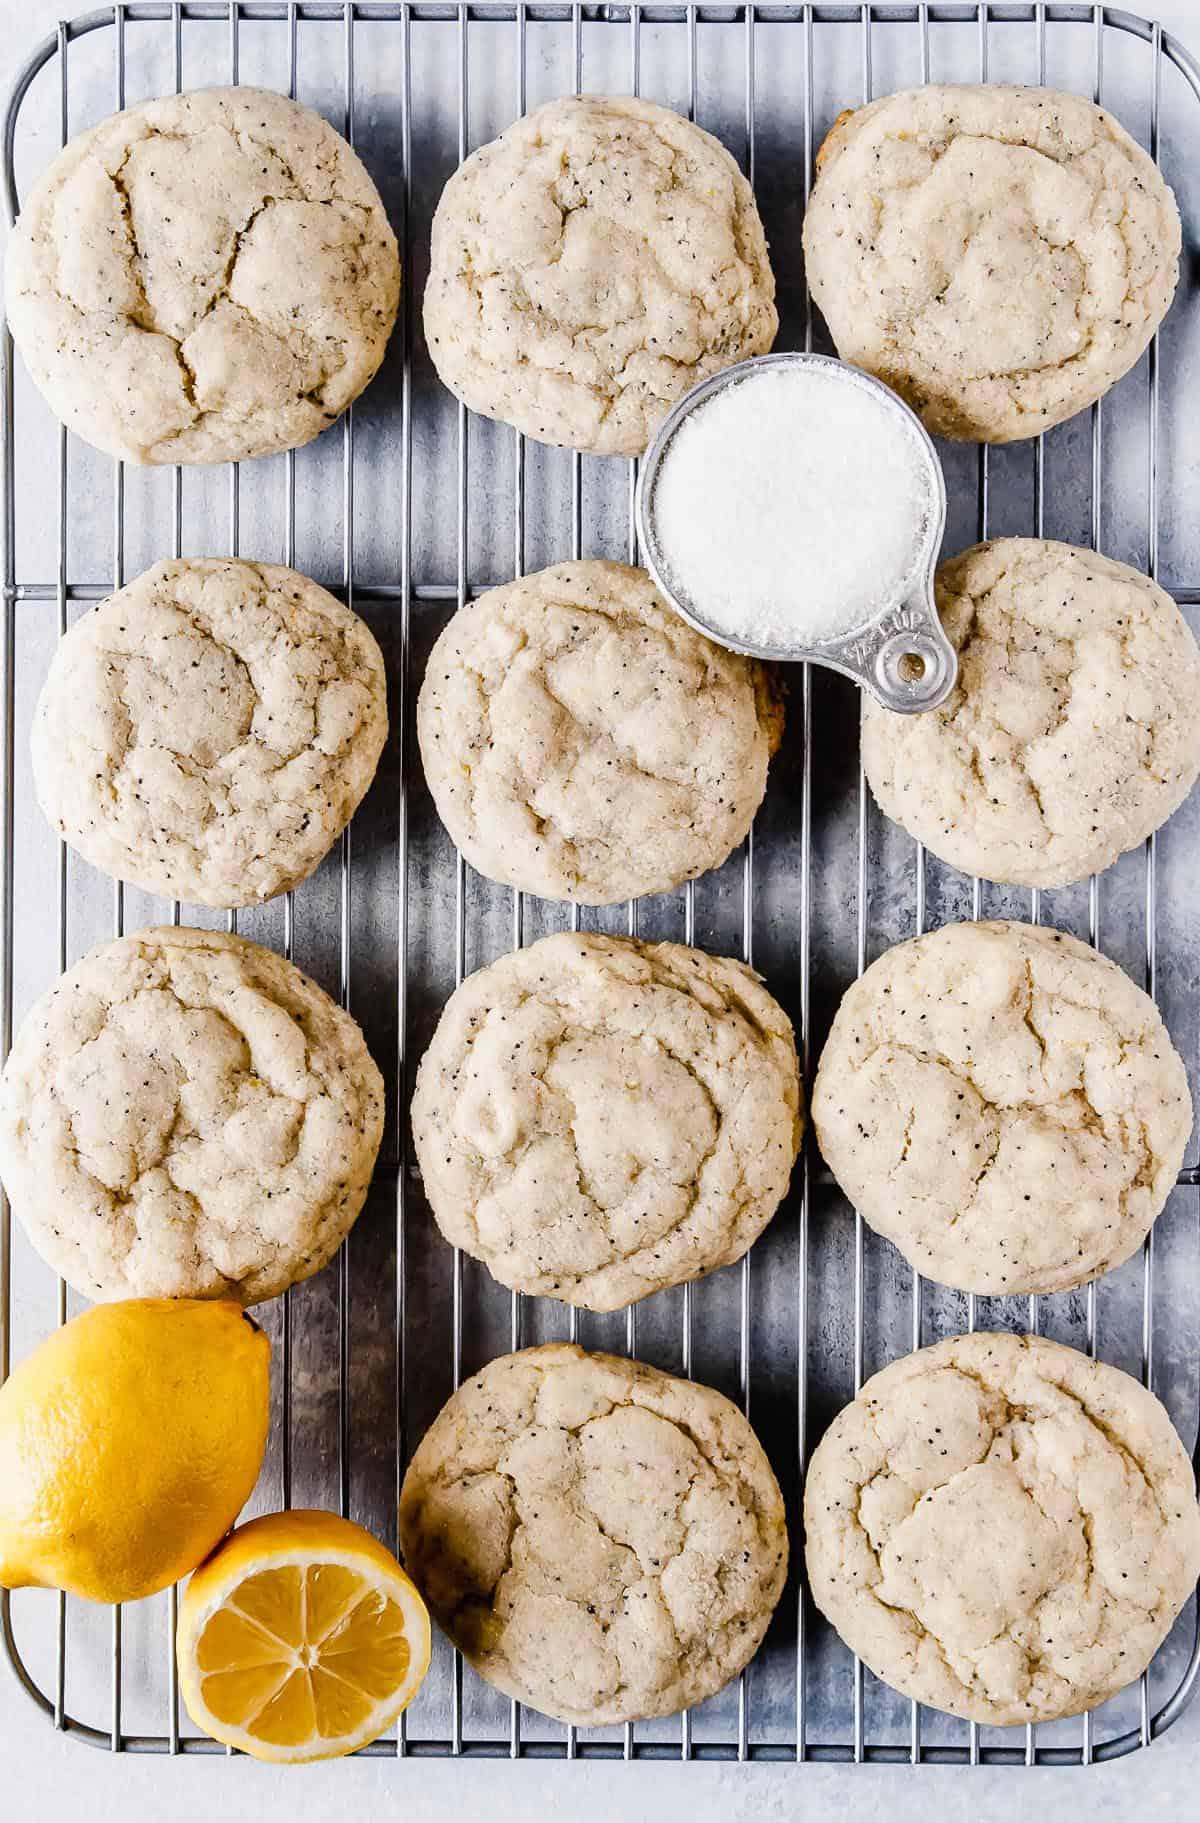 Citrus poppy seed vegan sugar cookies on cooling rack